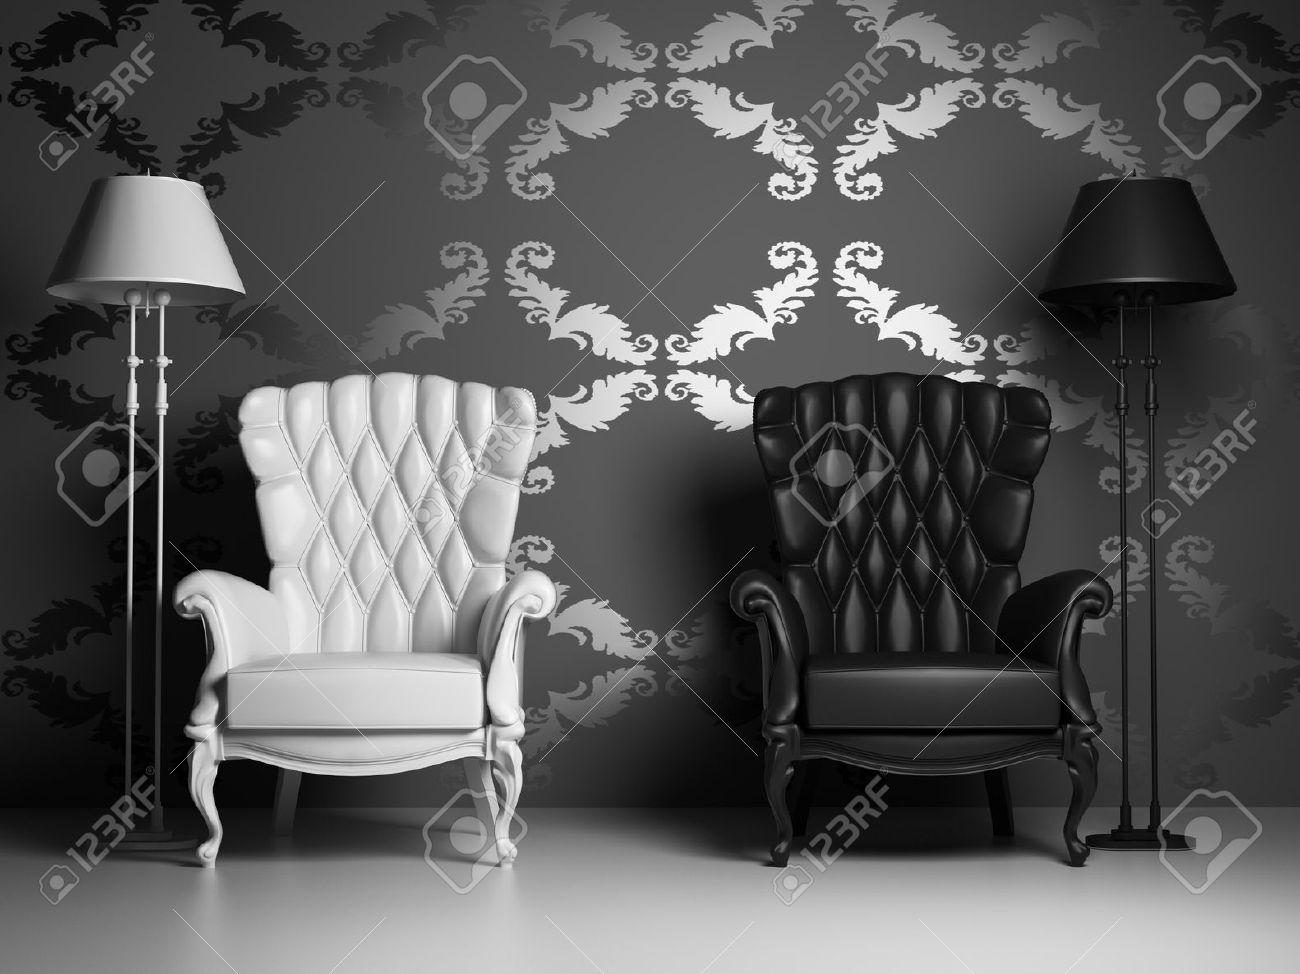 Weiß Schwarz Vintage Sessel über Barock Tapeten 3d Lizenzfreie